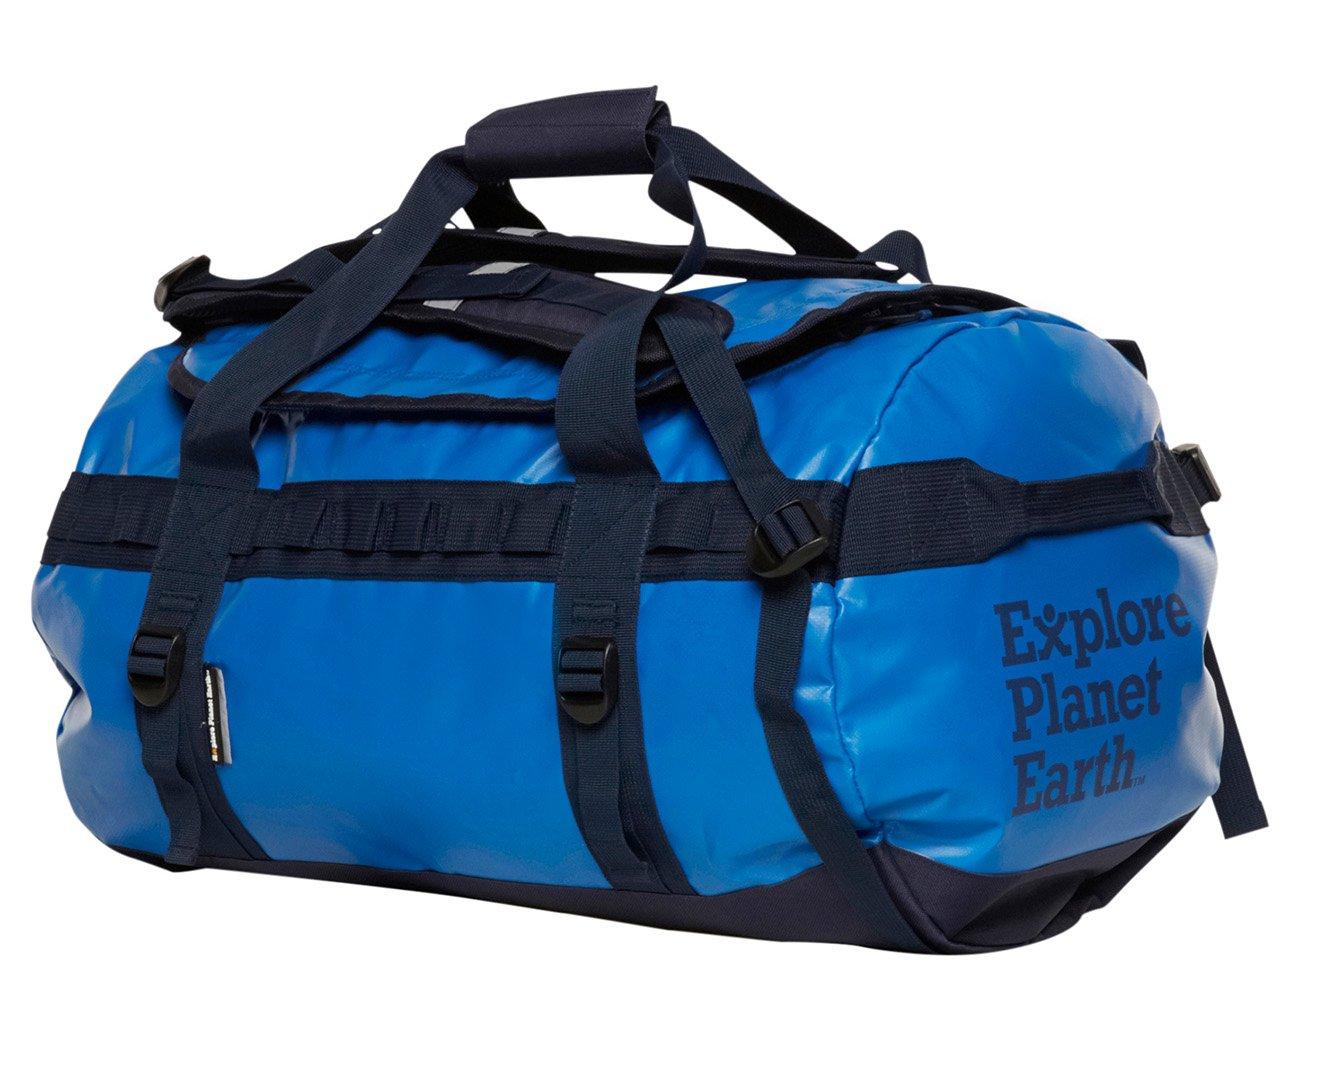 2317ca2416 Explore Planet Earth Pisces Waterproof Bag 40 litres Black  Amazon.com.au   Fashion